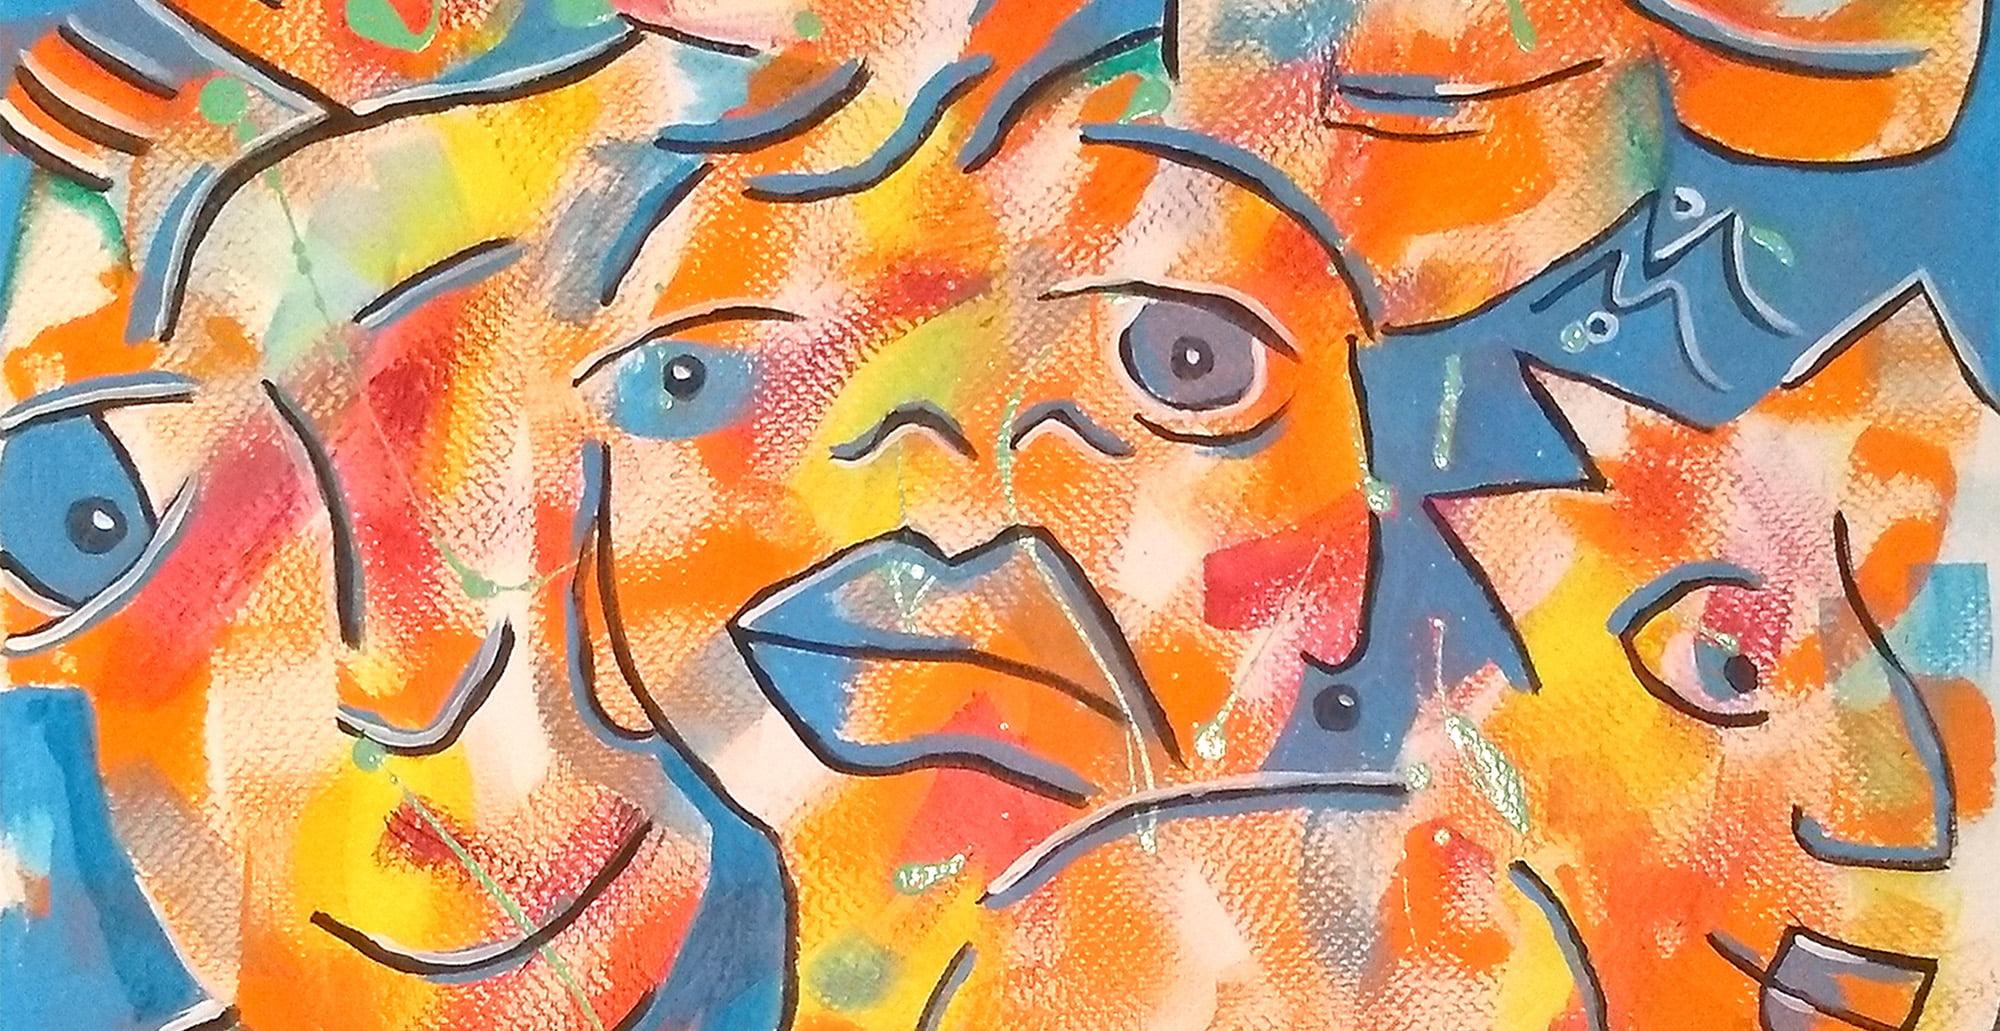 I-see-you-2, marijke.fr, galerie-atelier-marijke, entrevaux, marijke-mulder, art-visuel